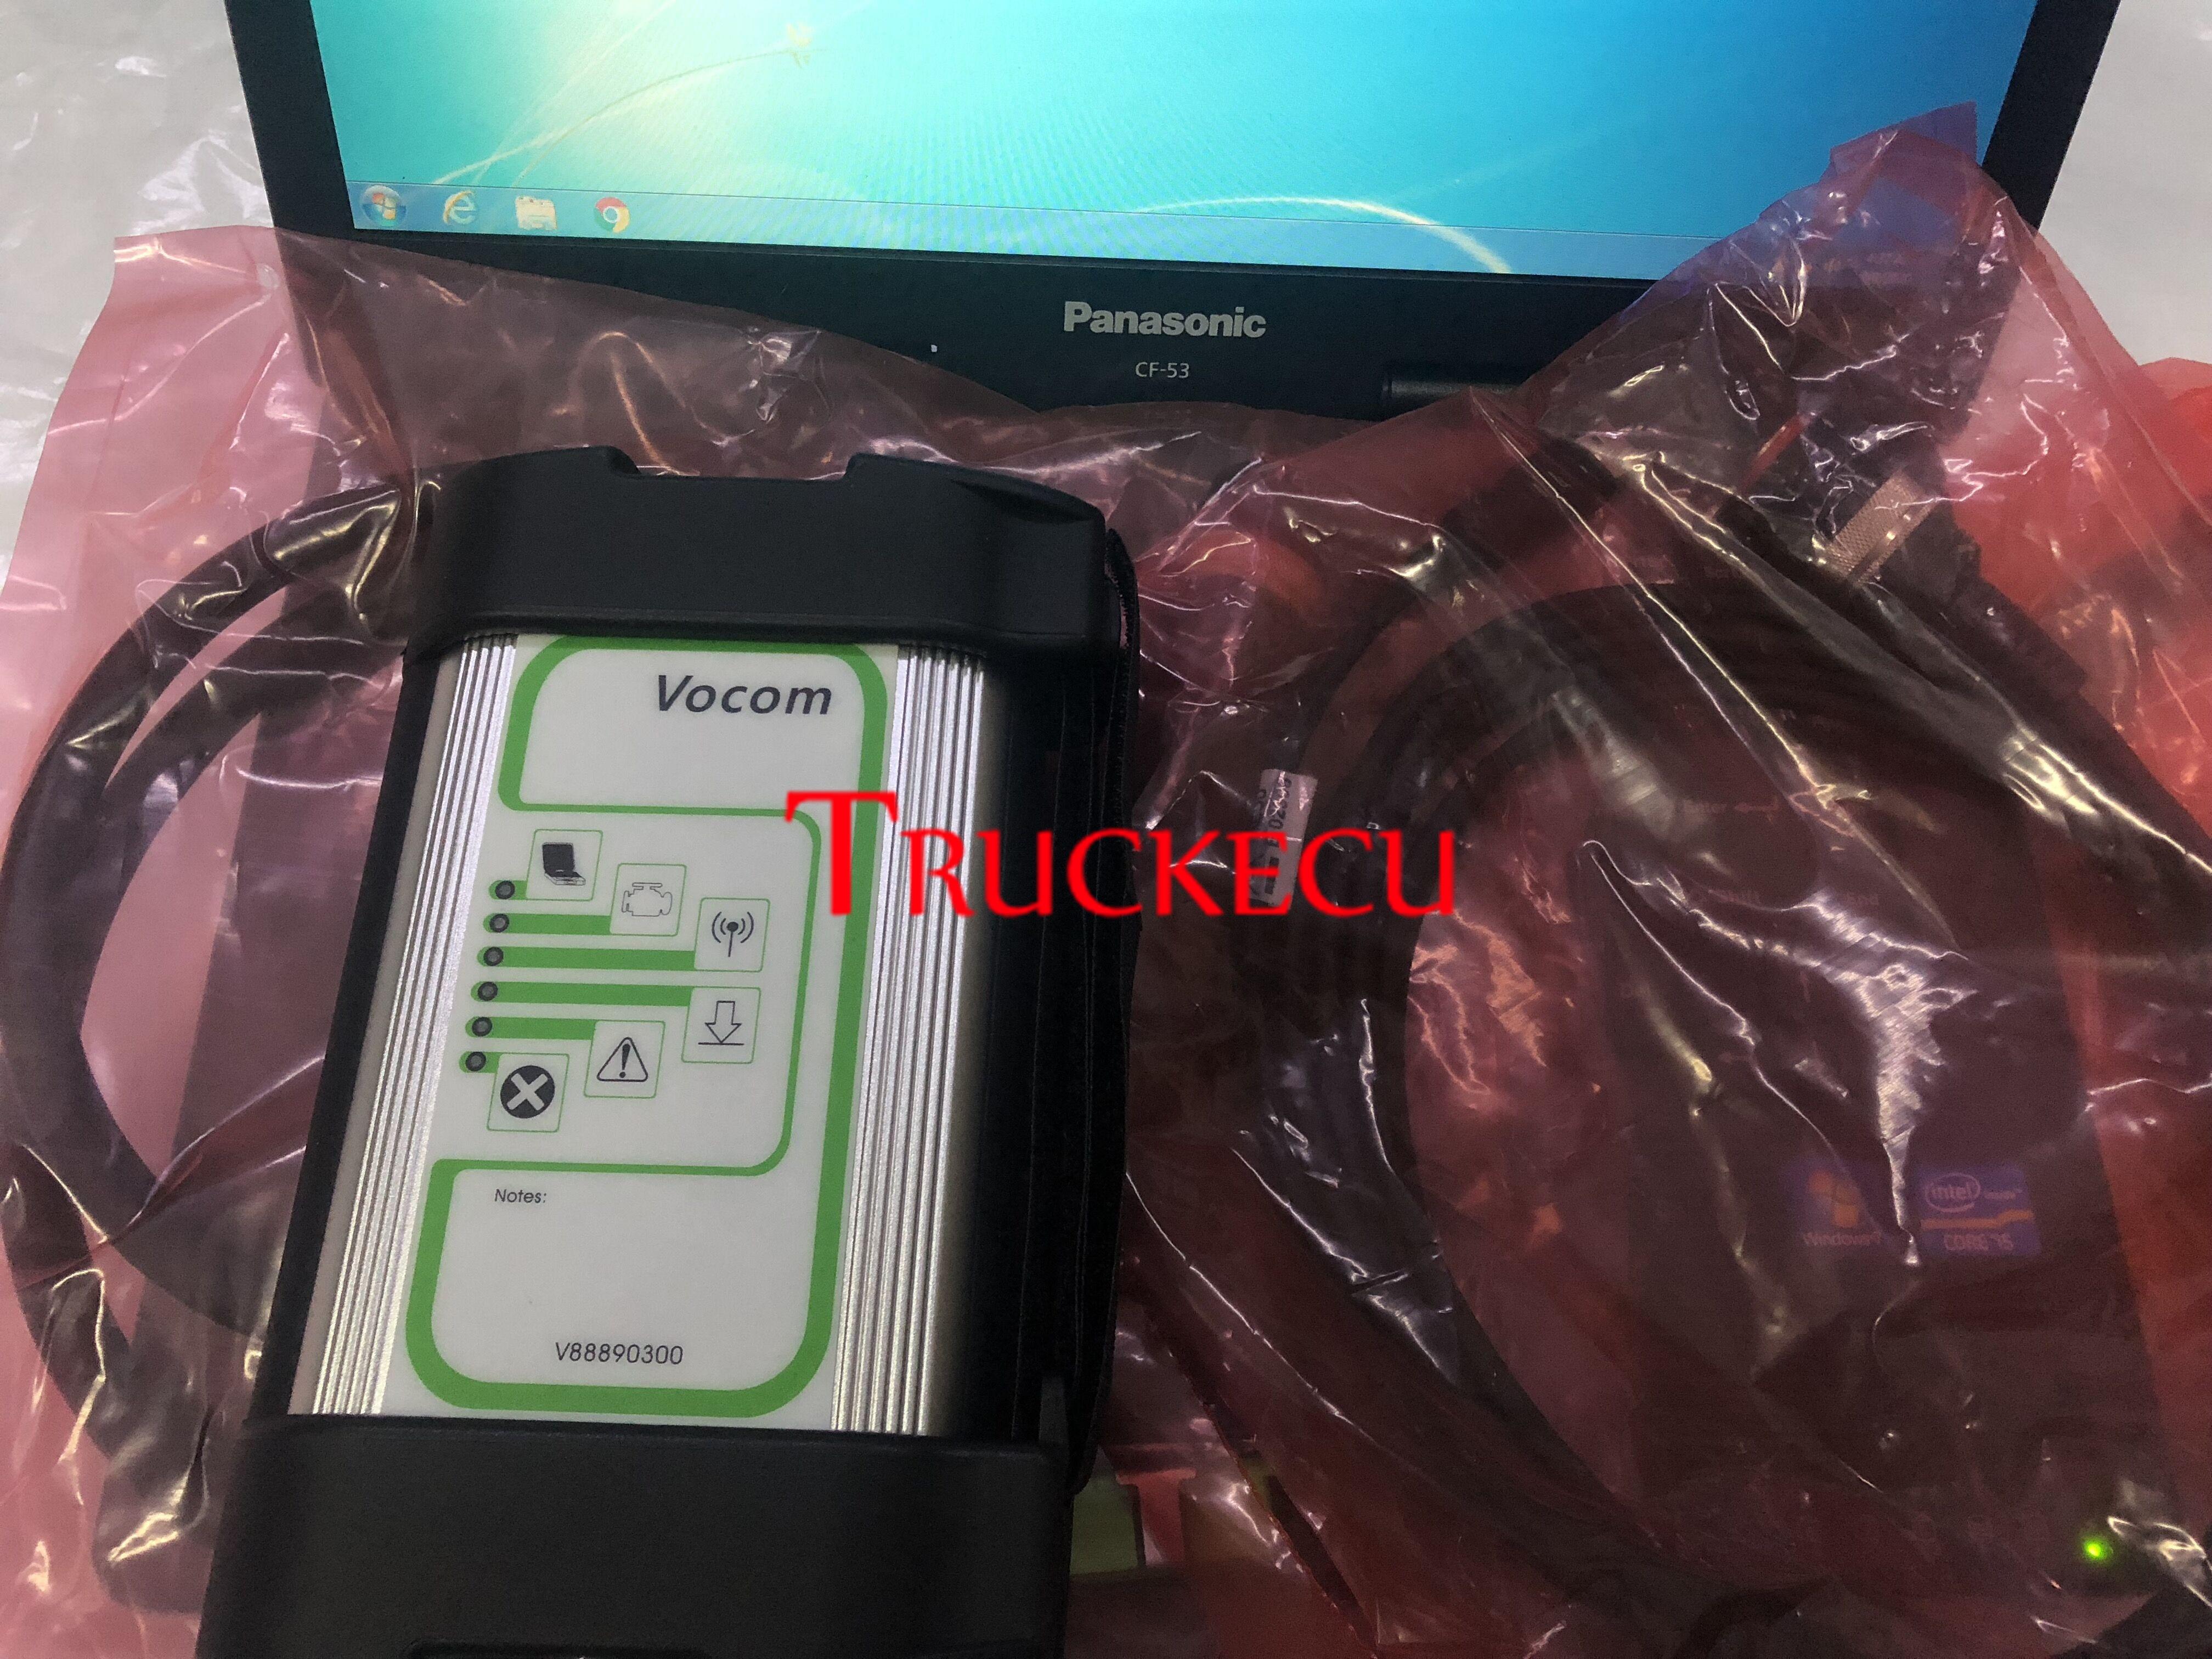 Купить для volvo vocom 88890300 диагностический инструмент 1 для ptt